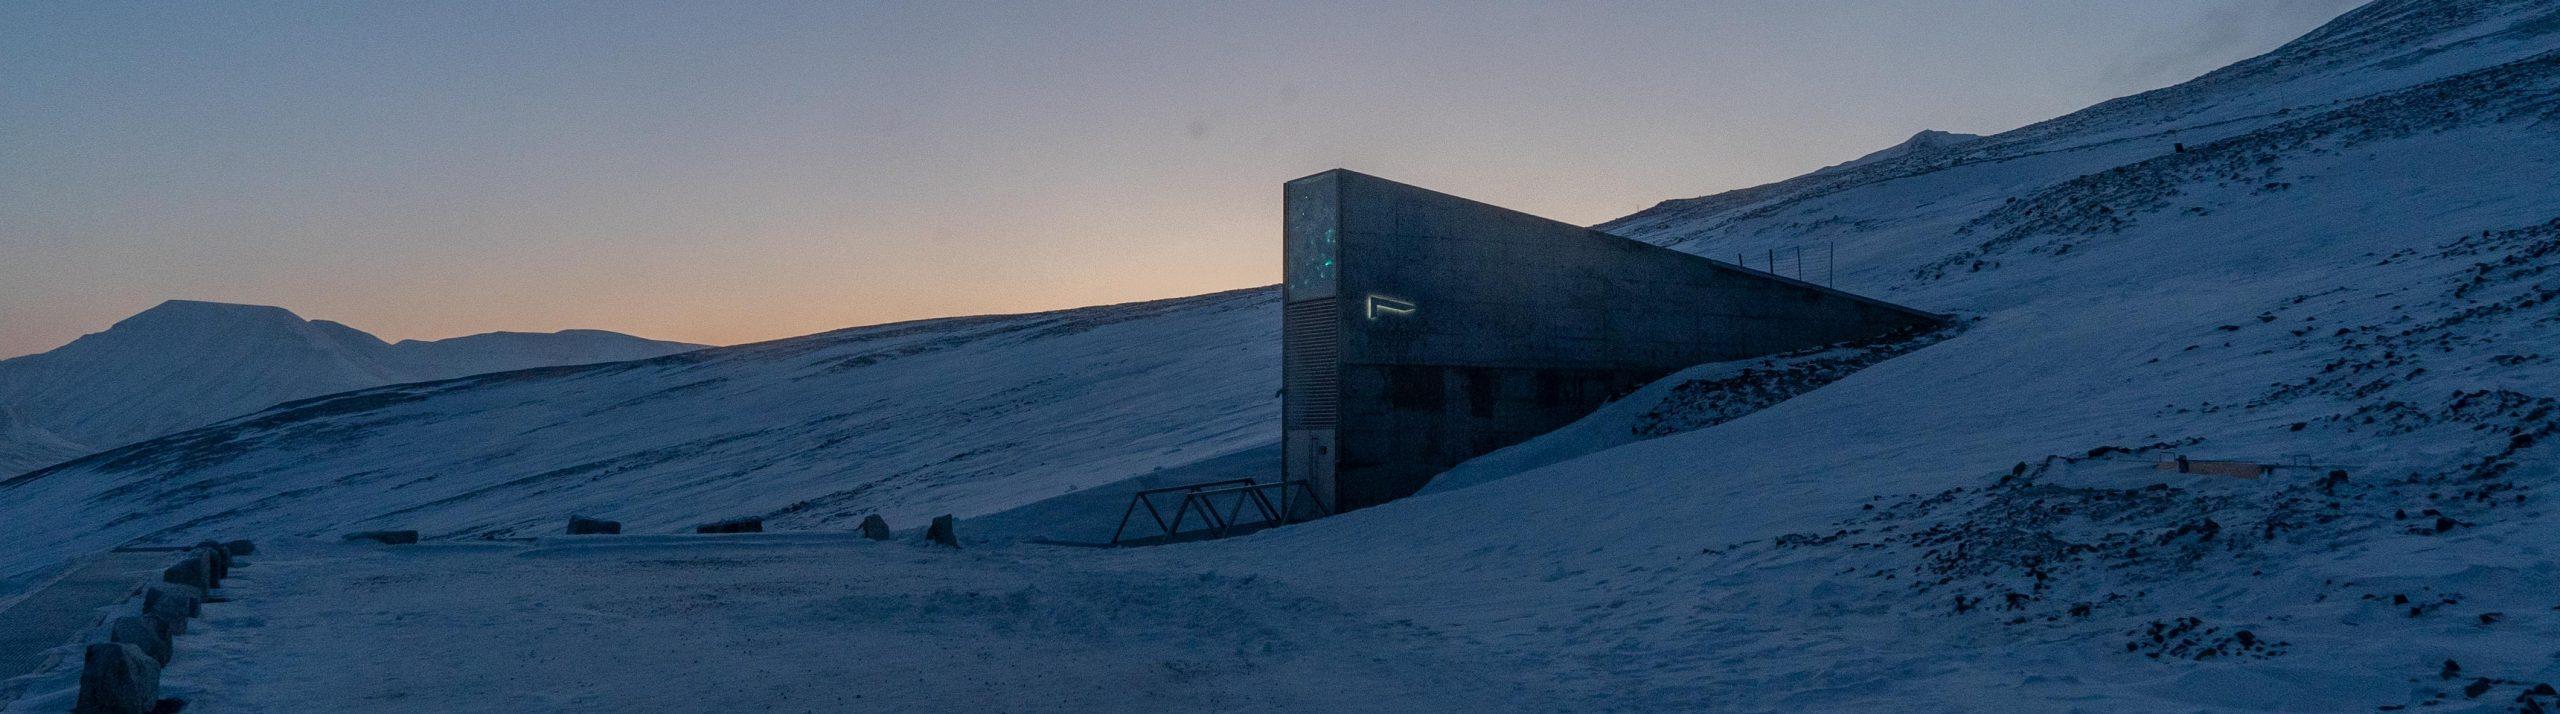 Ett vinterlandskap med avlägsen soluppgång och en trekantig betongbyggnad i förgrunden